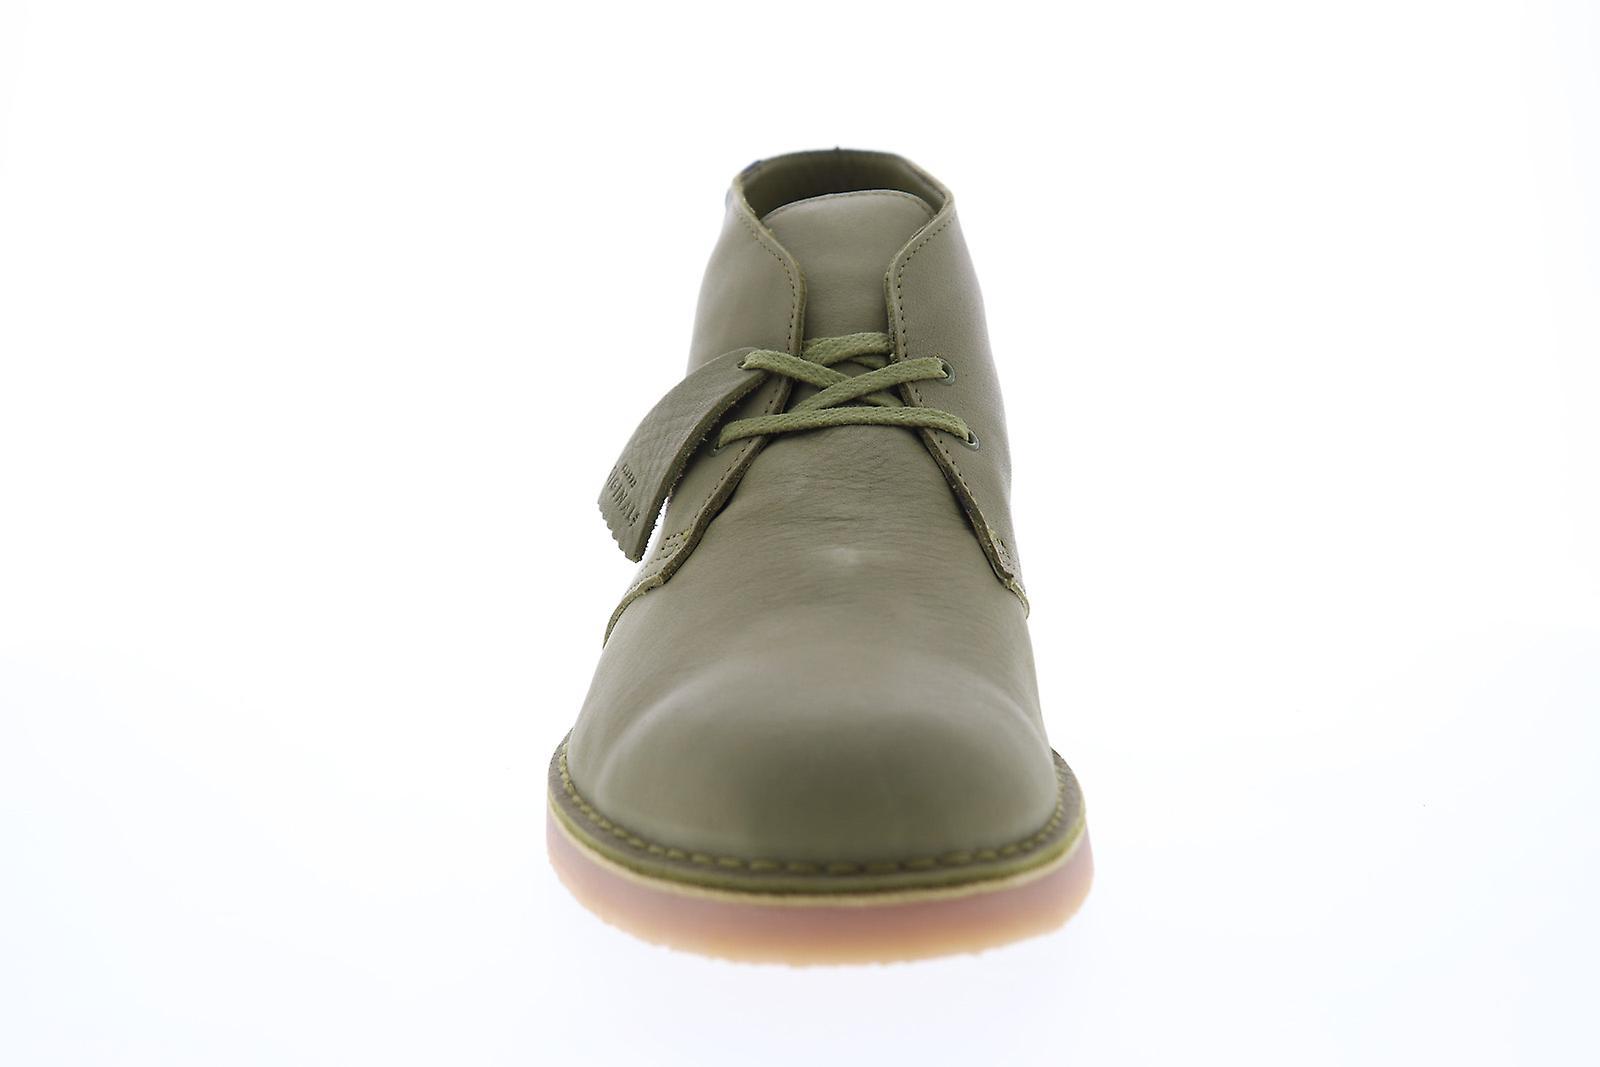 Clarks Desert Boot Gtx Menns Grønt Skinn Lace Up Støvler